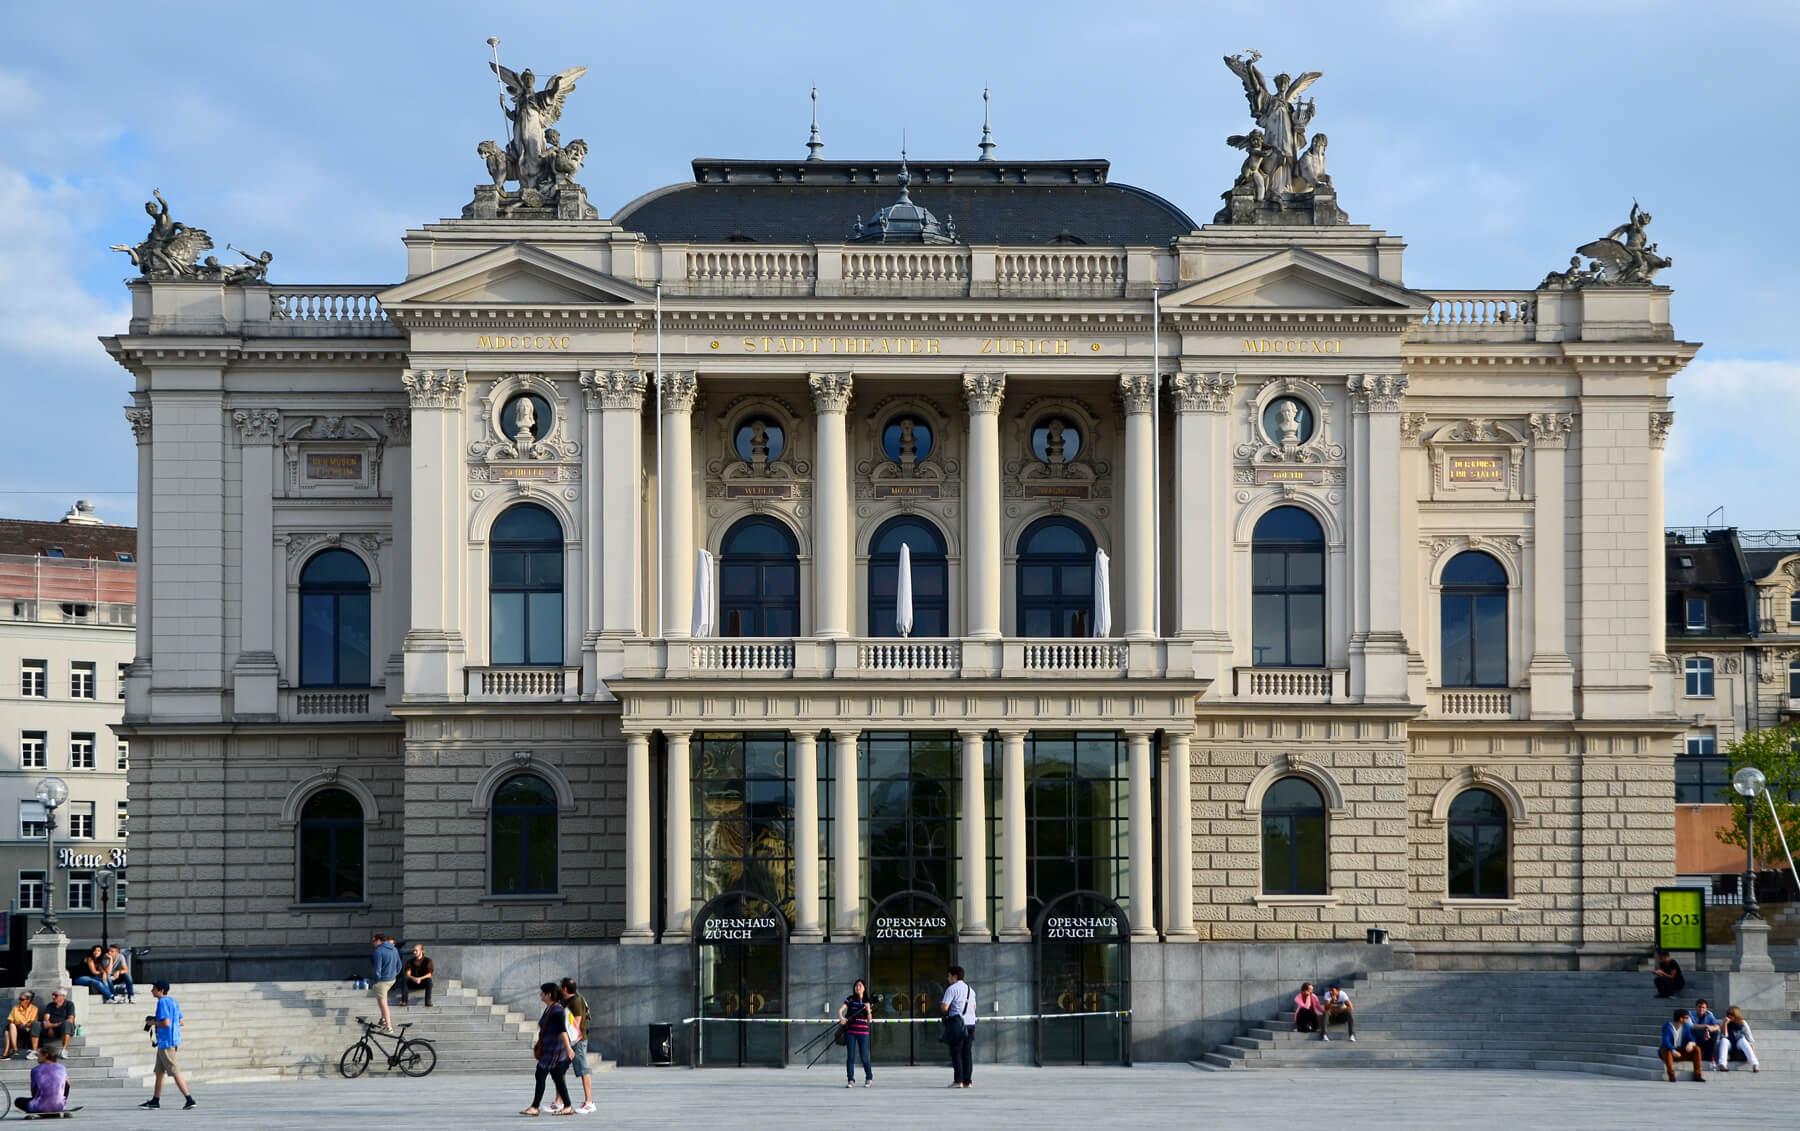 Цюрихская опера (Opernhaus Zurich)